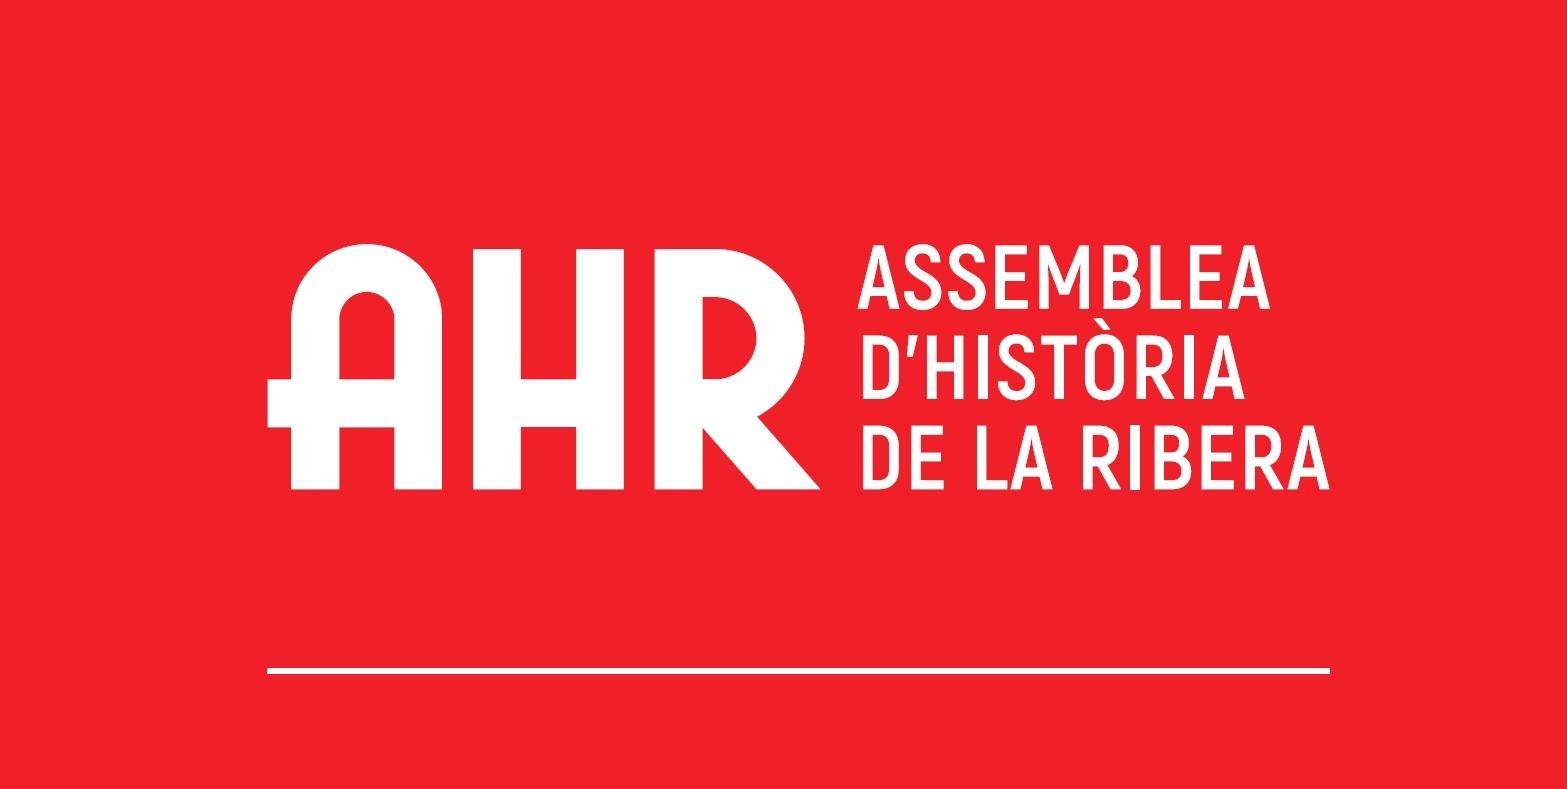 Ja us podeu inscriure a la XVIII Assemblea d'Història de la Ribera